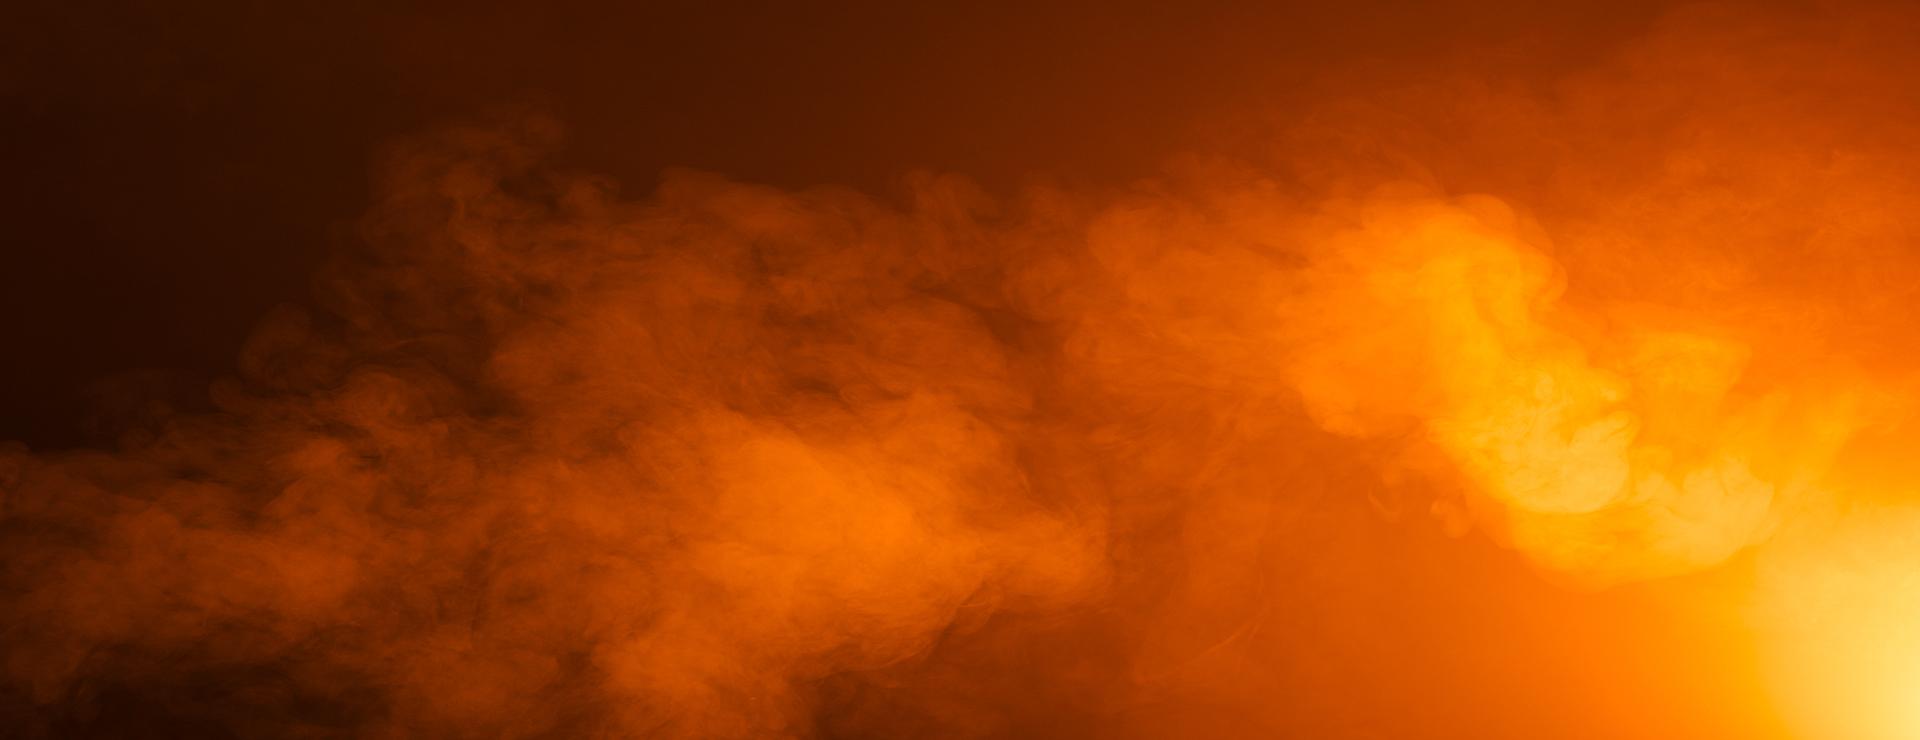 Pyrotechnics Awareness Image